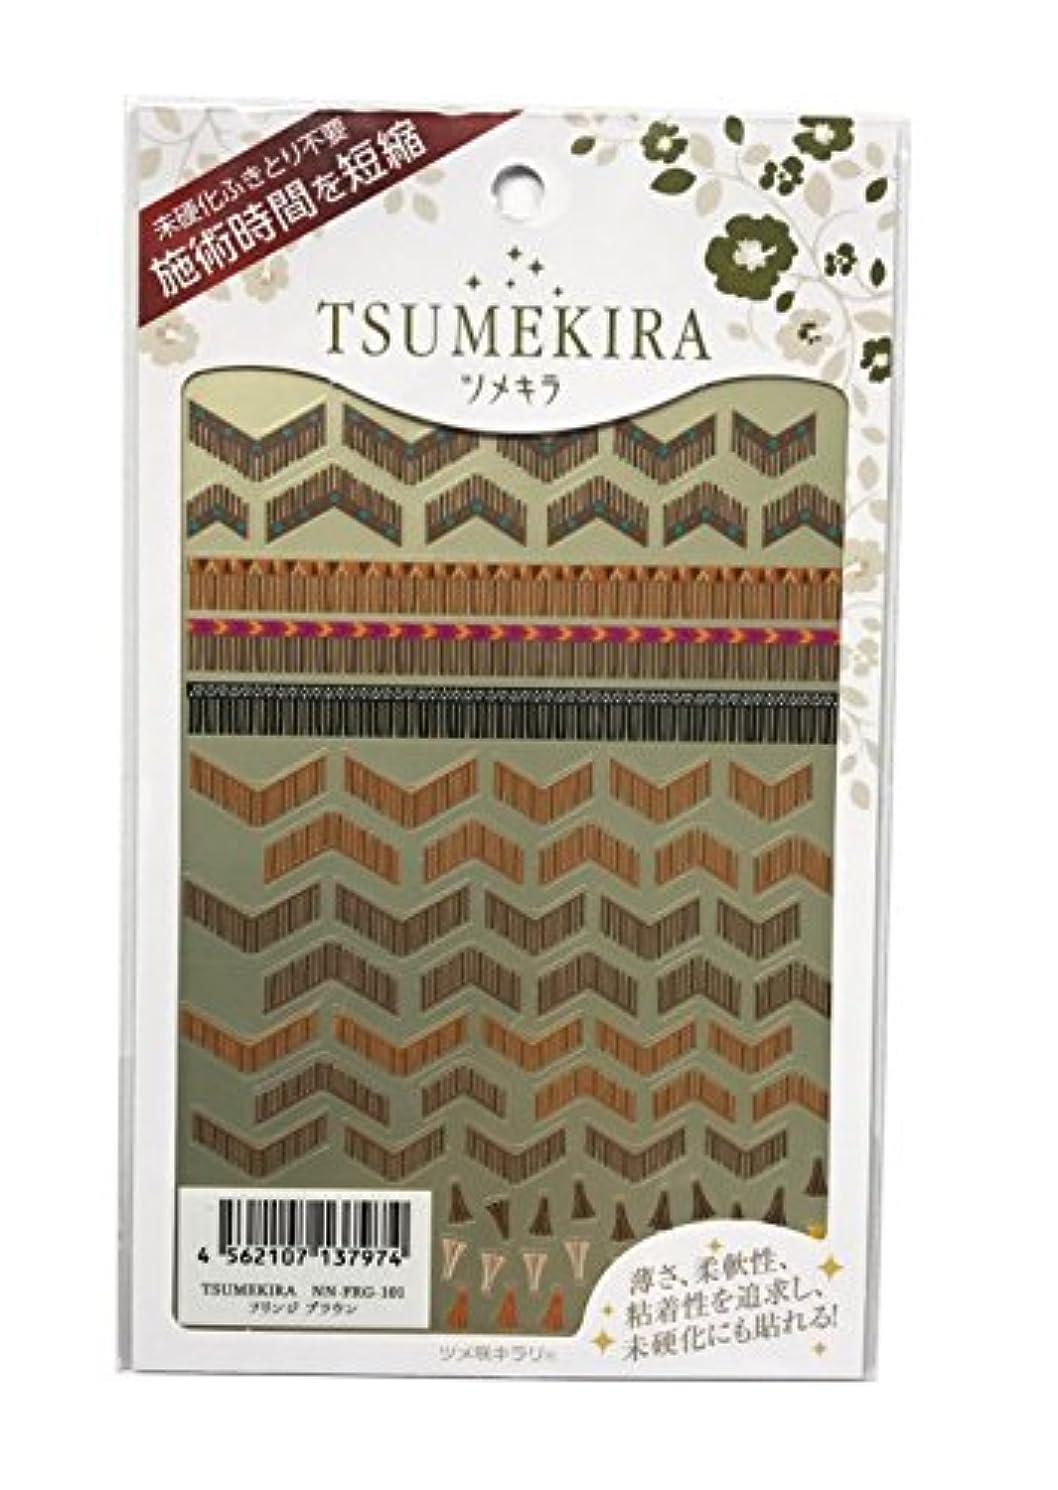 ミンチ啓発する不完全ツメキラ(TSUMEKIRA) ネイル用シール フリンジ ブラウン NN-FRG-101